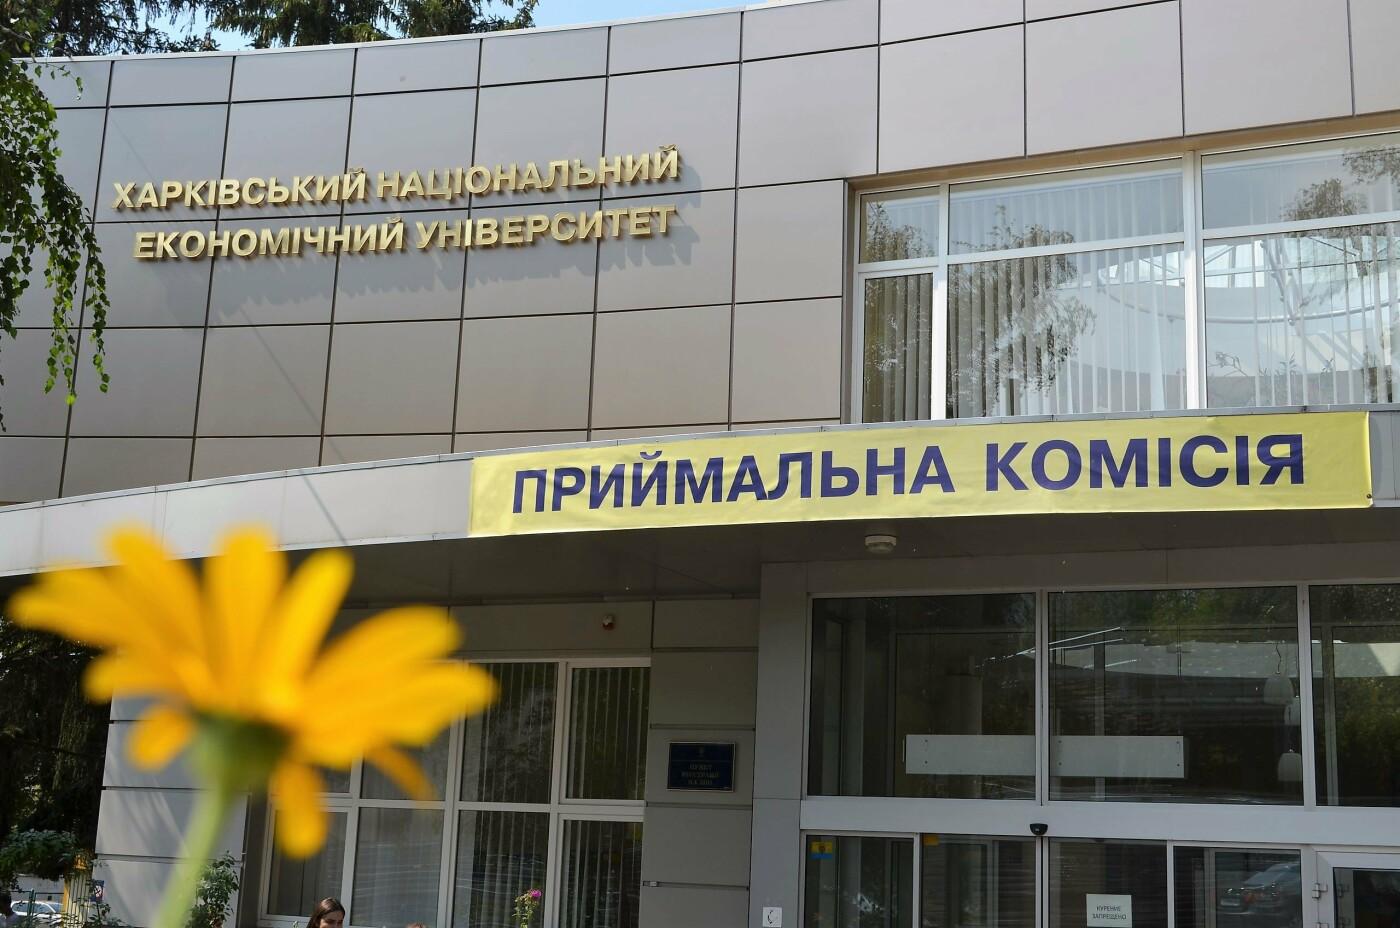 Где выучиться на IT-шника в Харькове: вузы и стоимость контрактного обучения, - ФОТО, фото-3